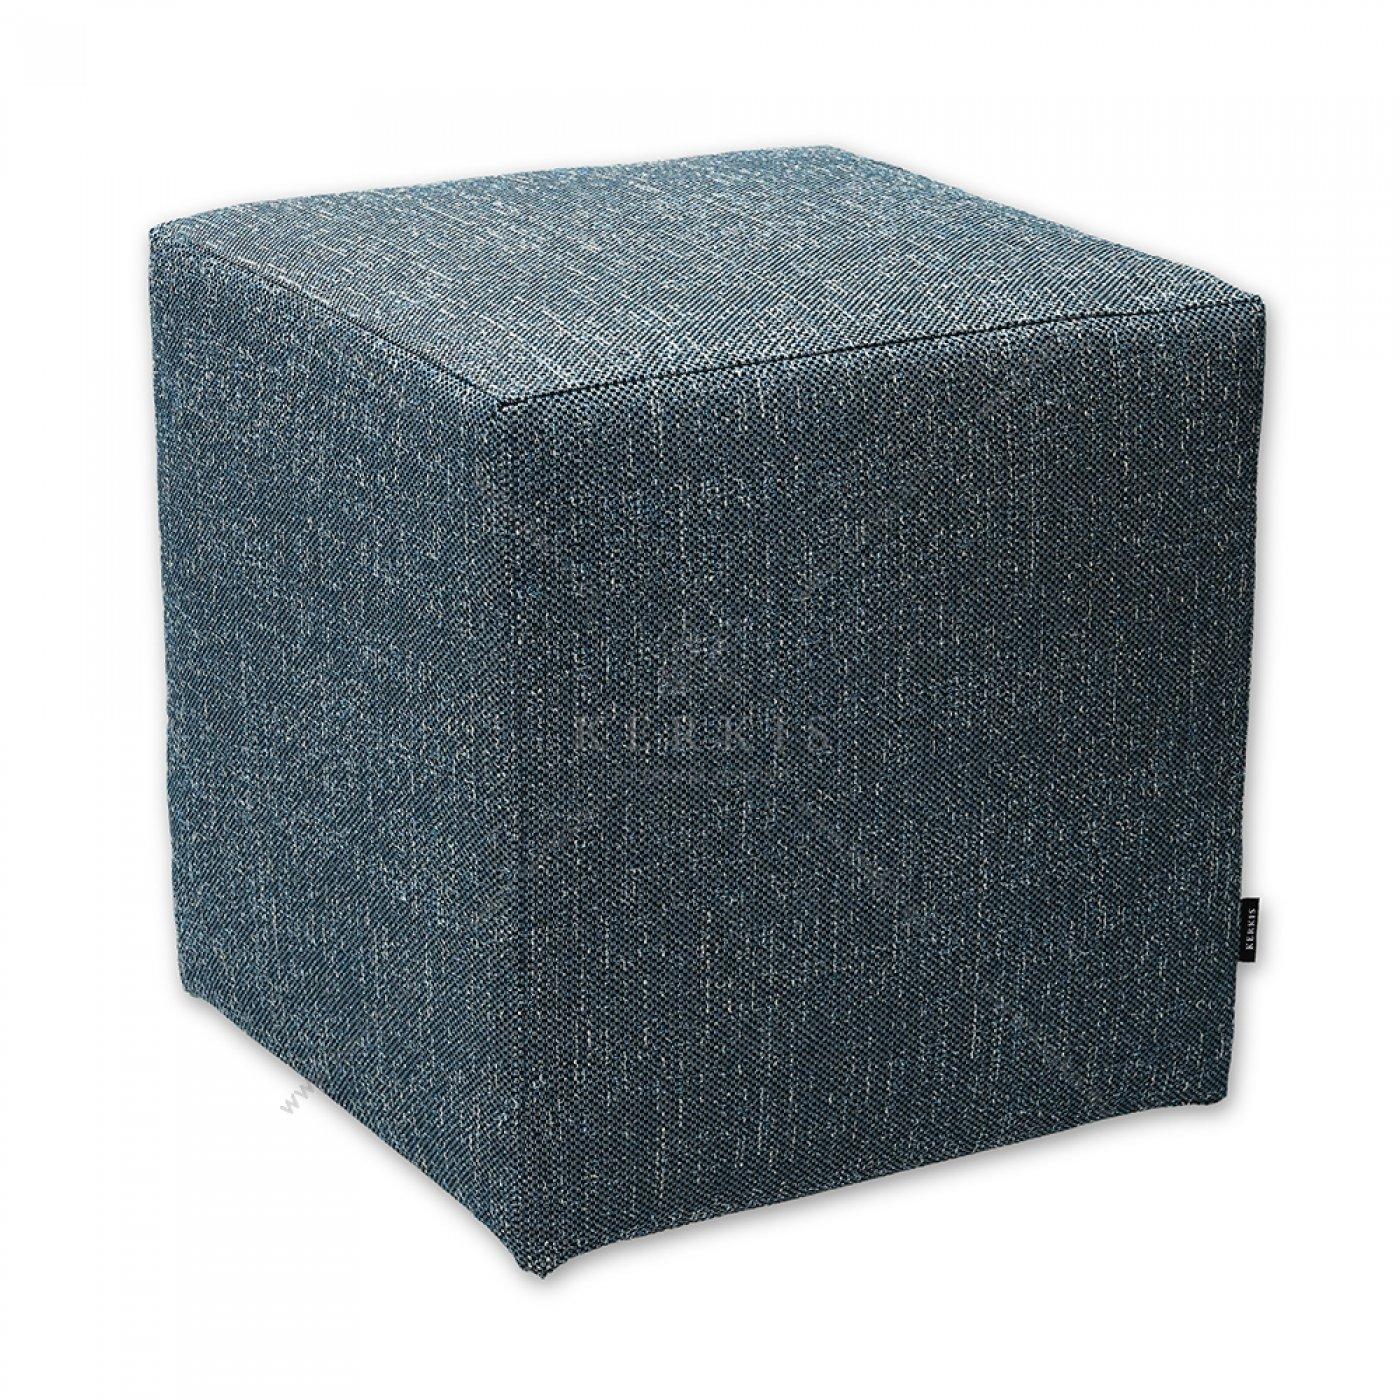 Σκαμπό κύβος με κάλυμμα από μπλέ ύφασμα, κατασκευασμένος από την Kerkis Tailormade Comfort. Με ξύλινο στιβαρό σκελετό και αναπαυτικό κάθισμα.